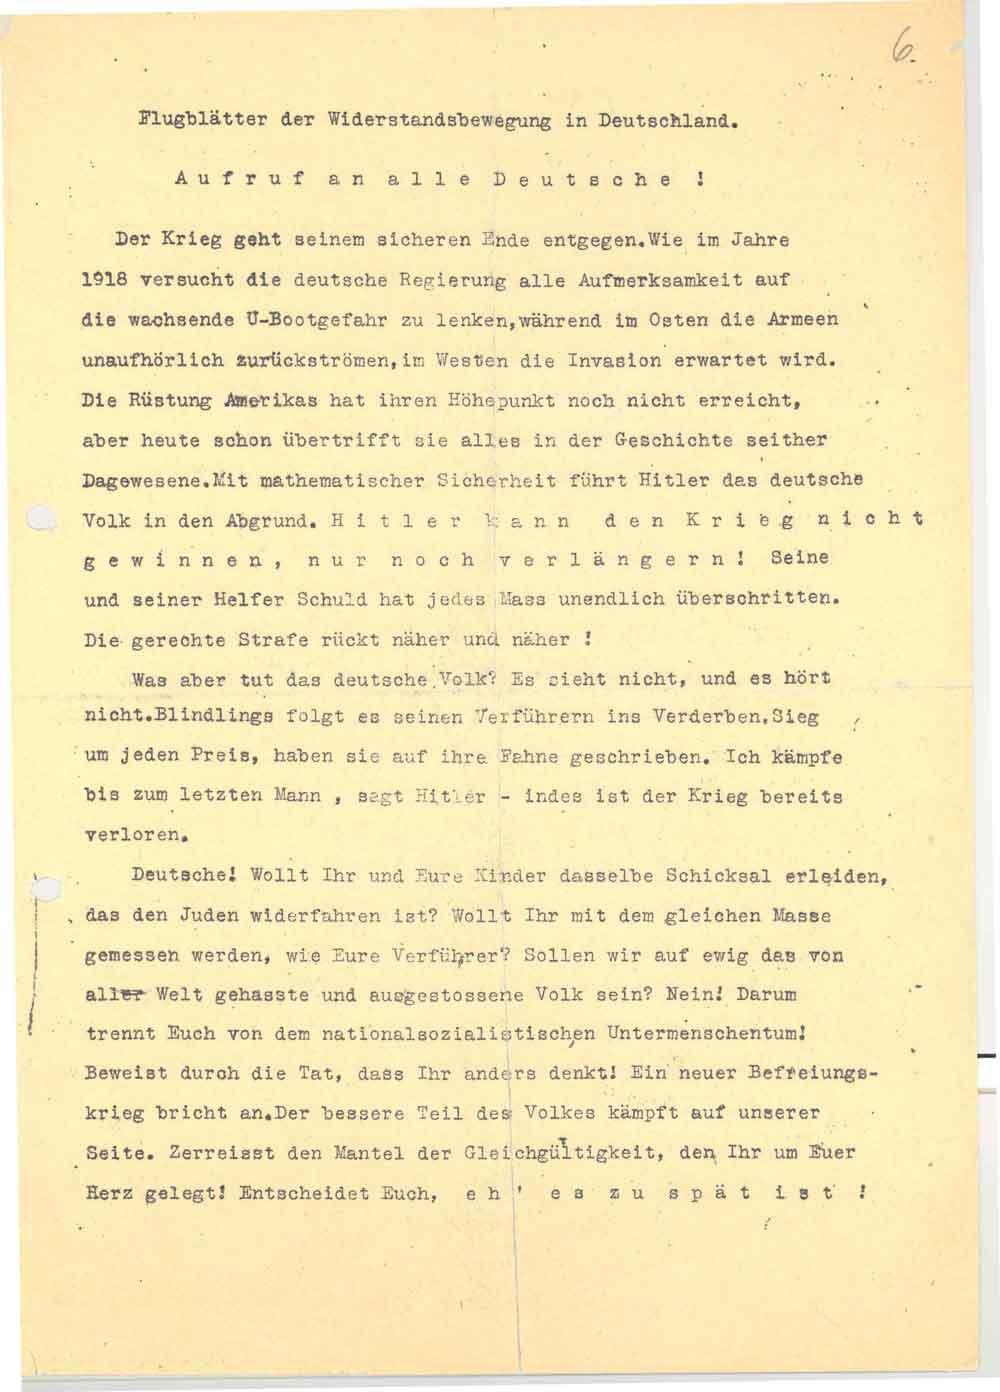 Einführung Aufruf An Alle Deutsche Flugblatt Nr 5 Der Weißen Rose